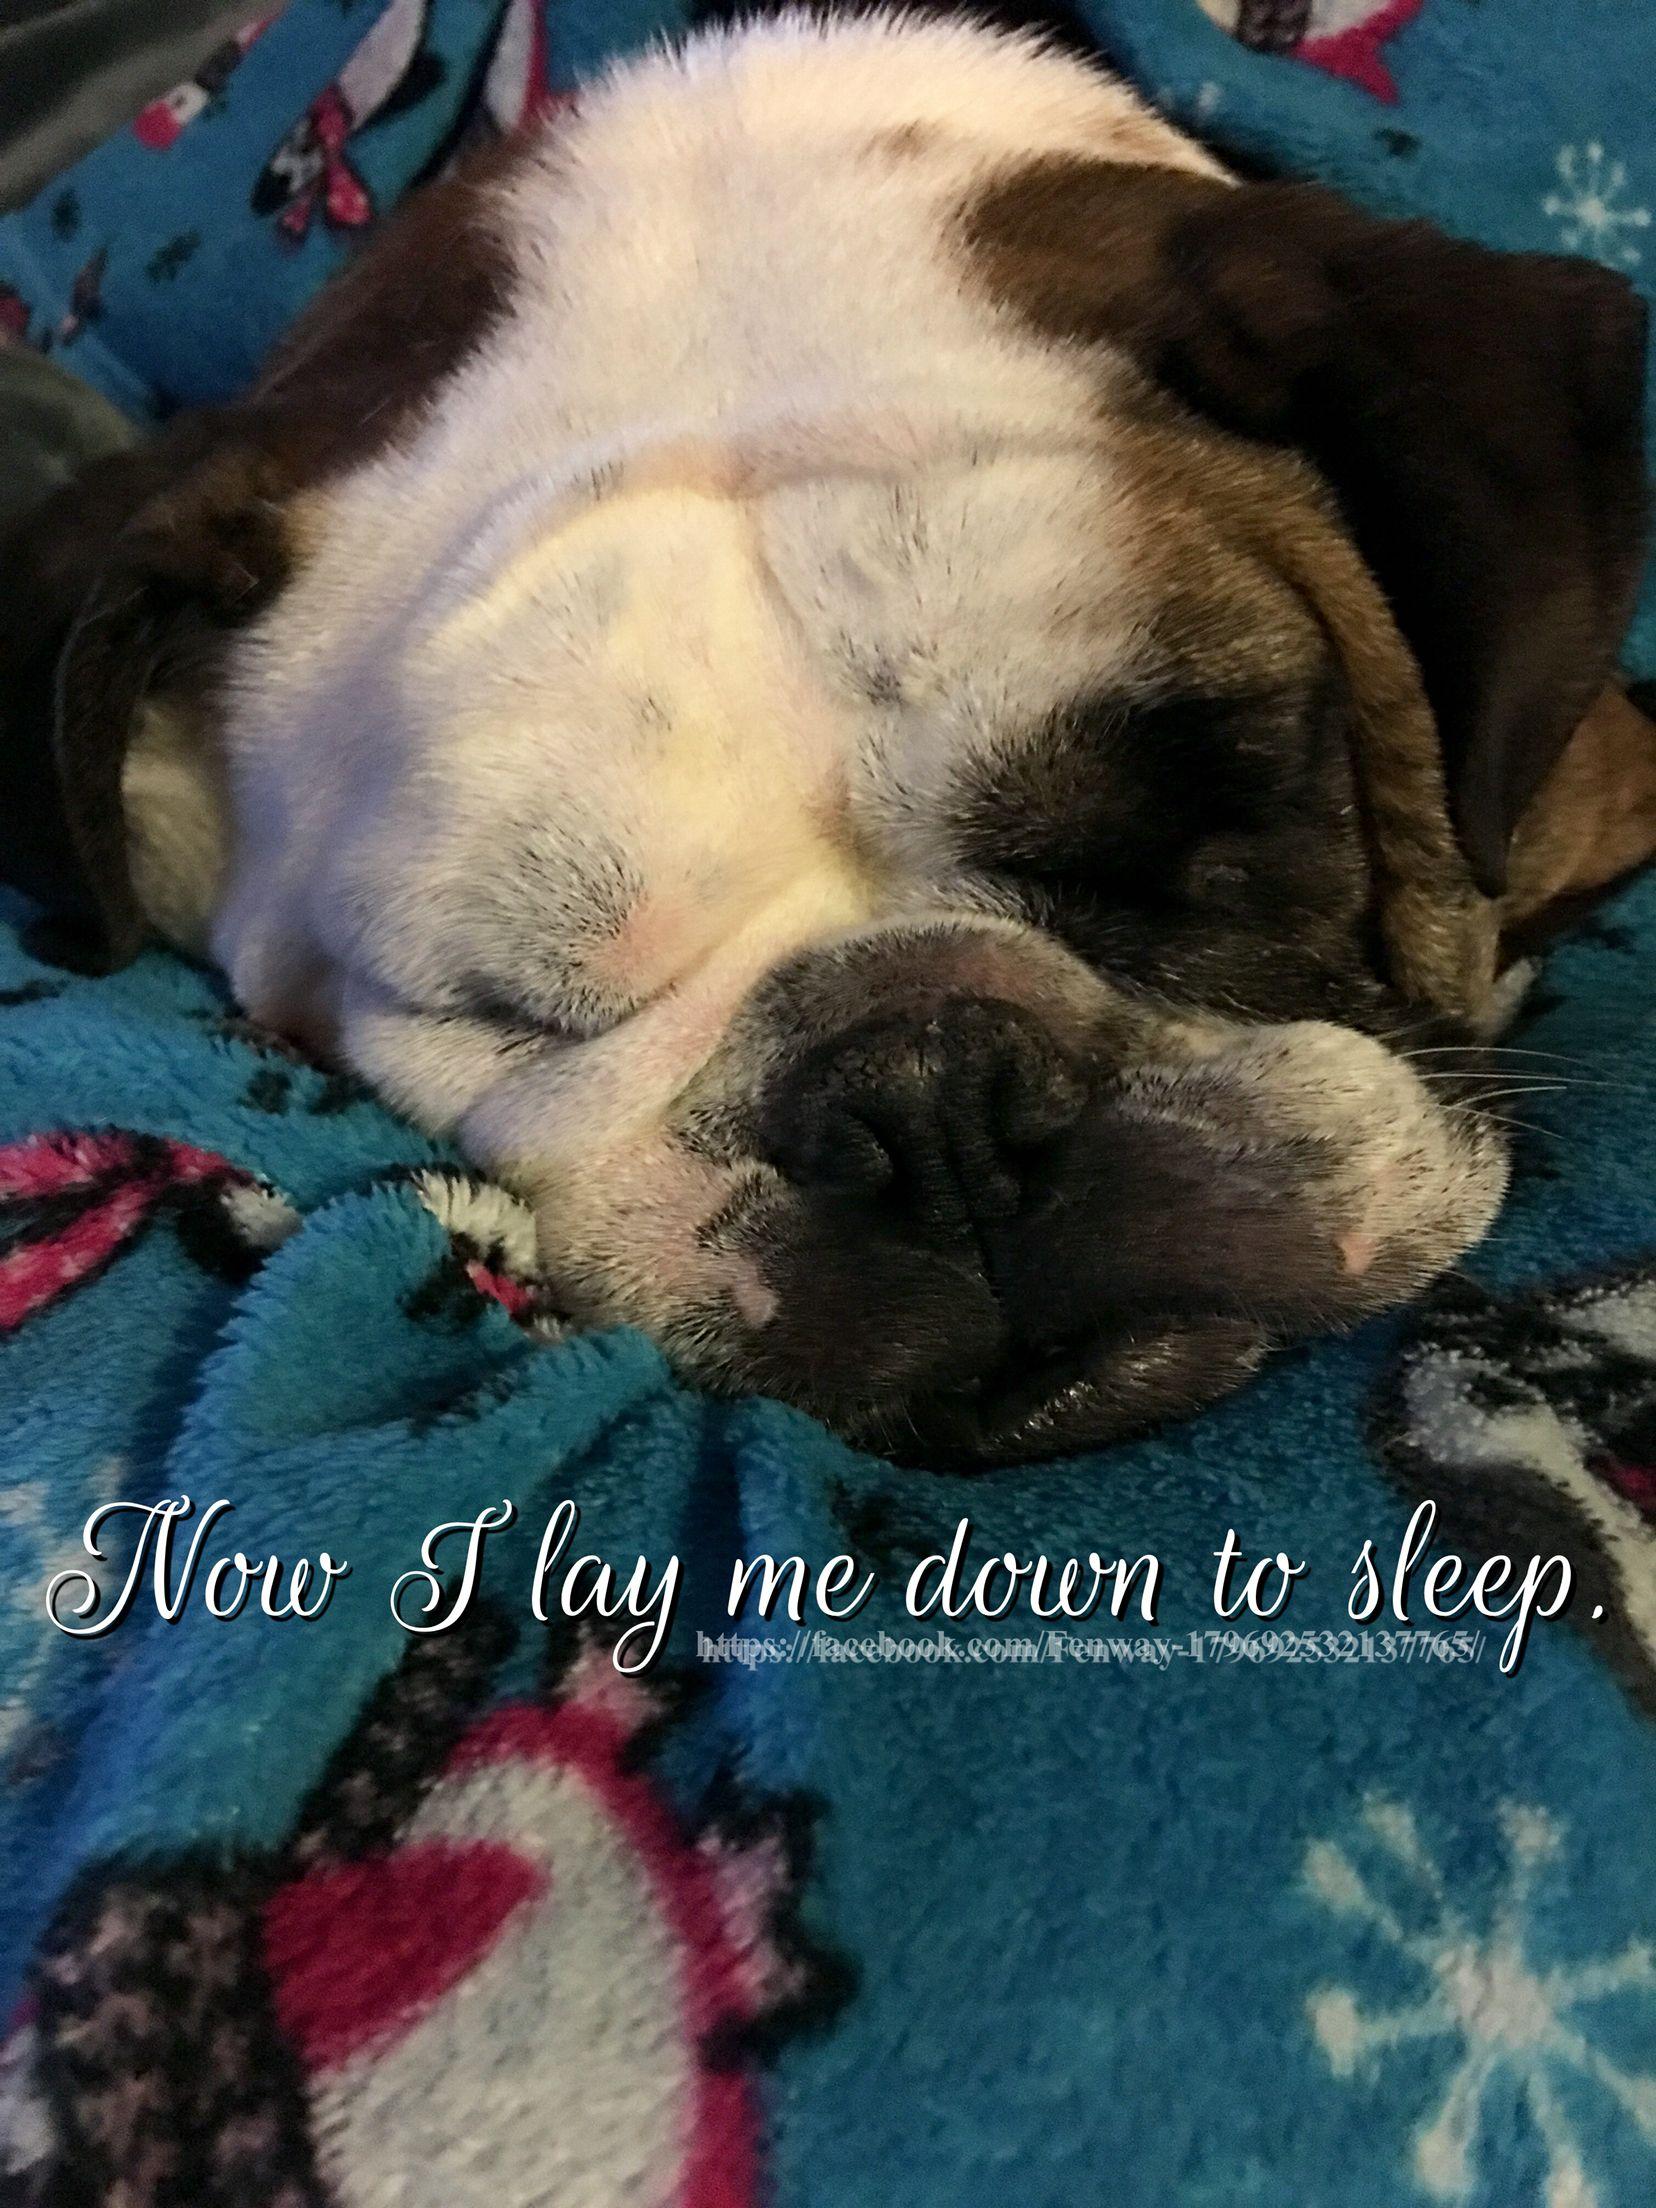 05mar16 Fenway Bulldogs Good Night Sleeping Sweet Dreams